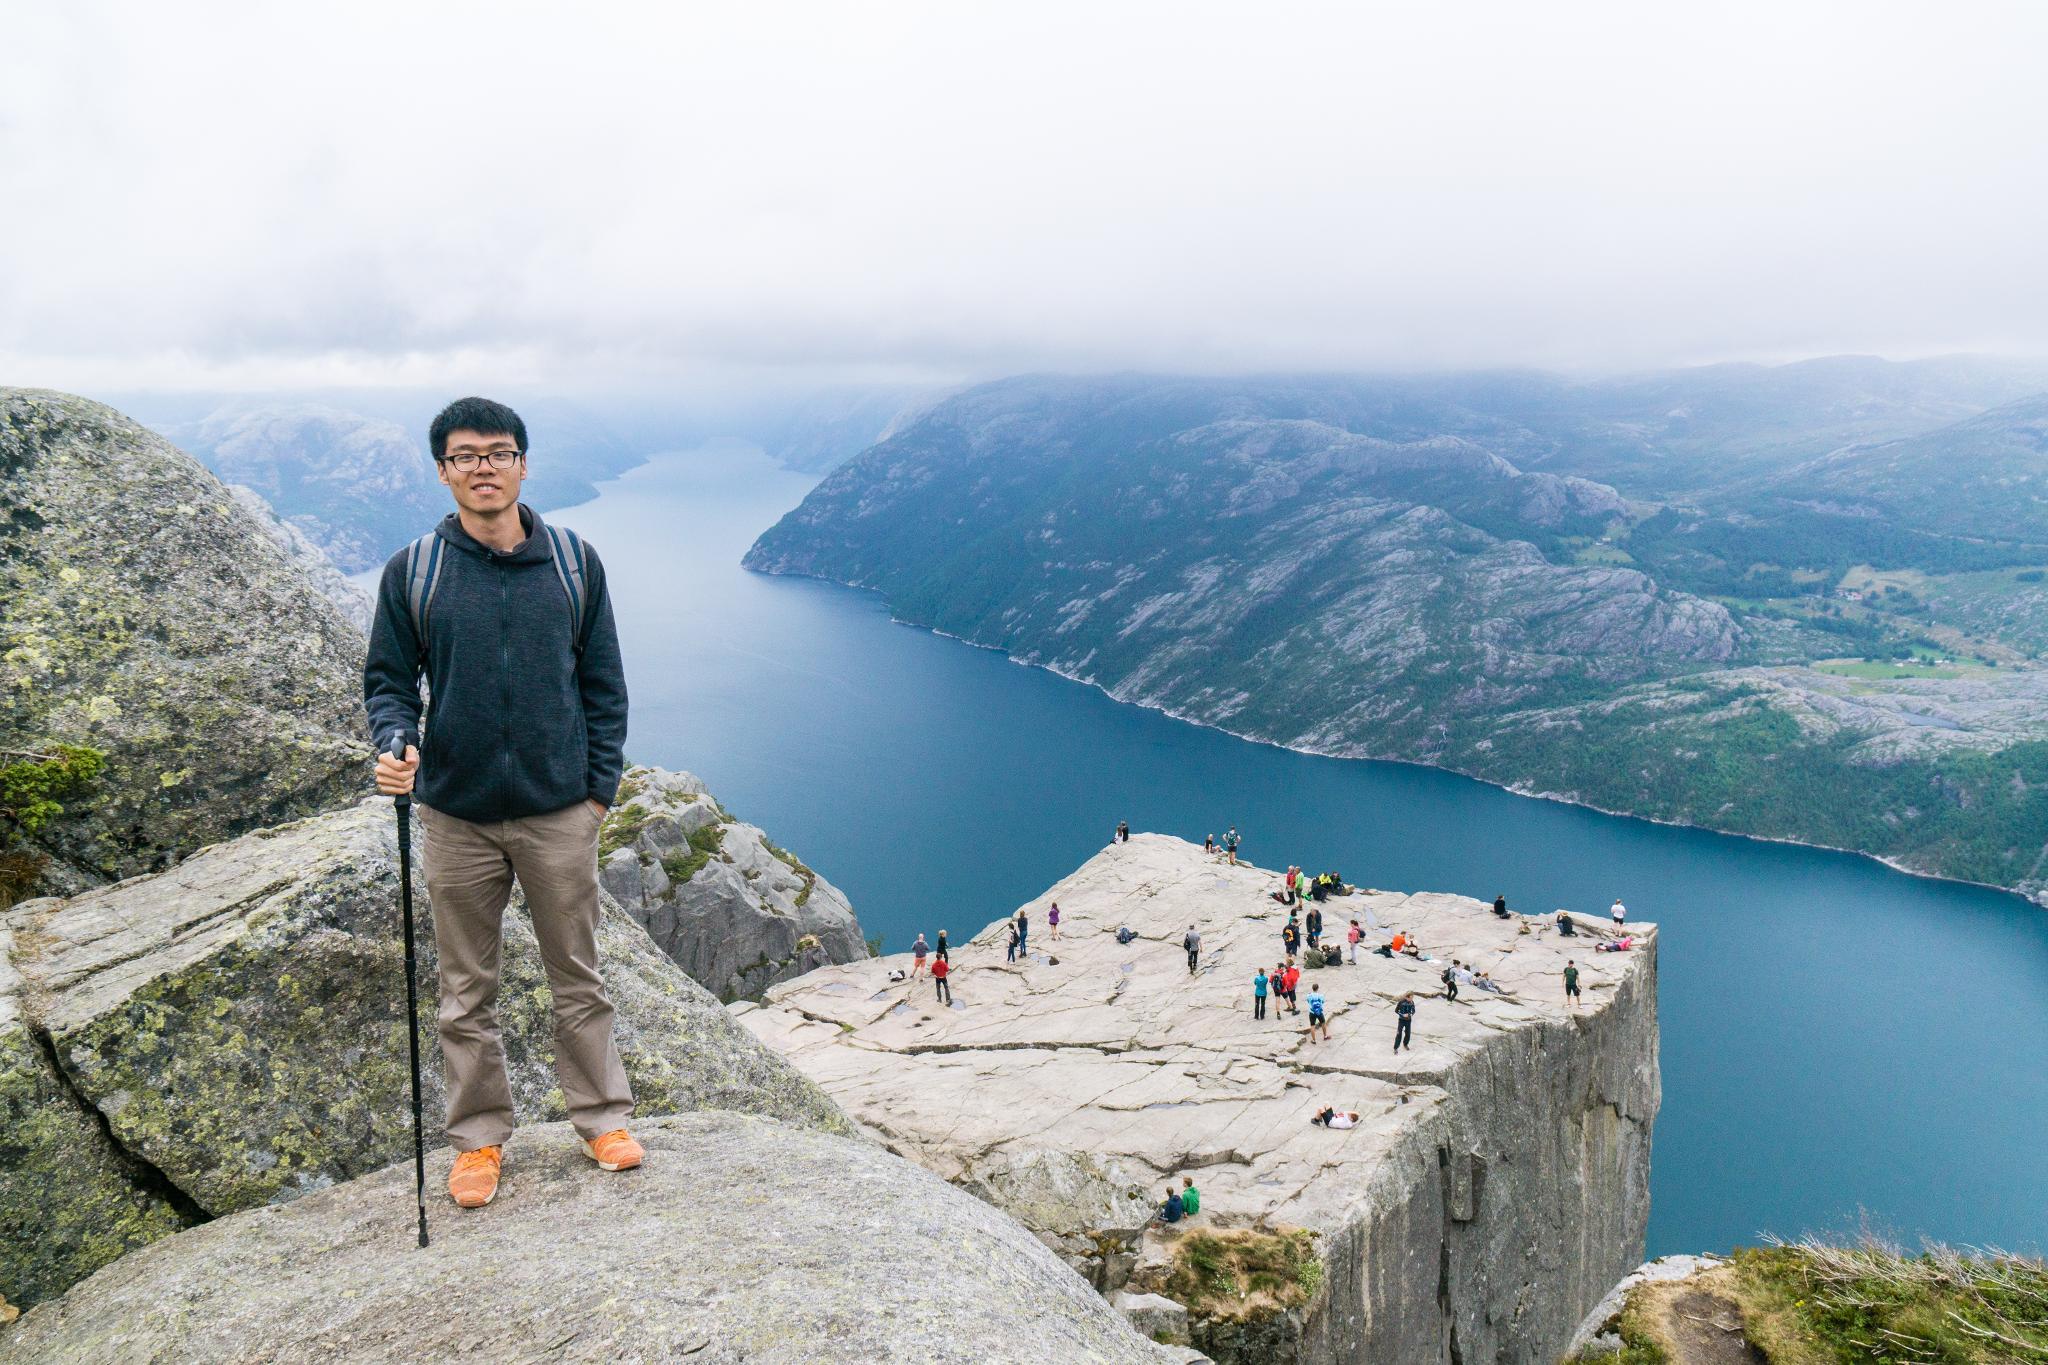 【北歐景點】朝聖挪威三大奇岩:聖壇岩Preikestolen健行紀錄 34